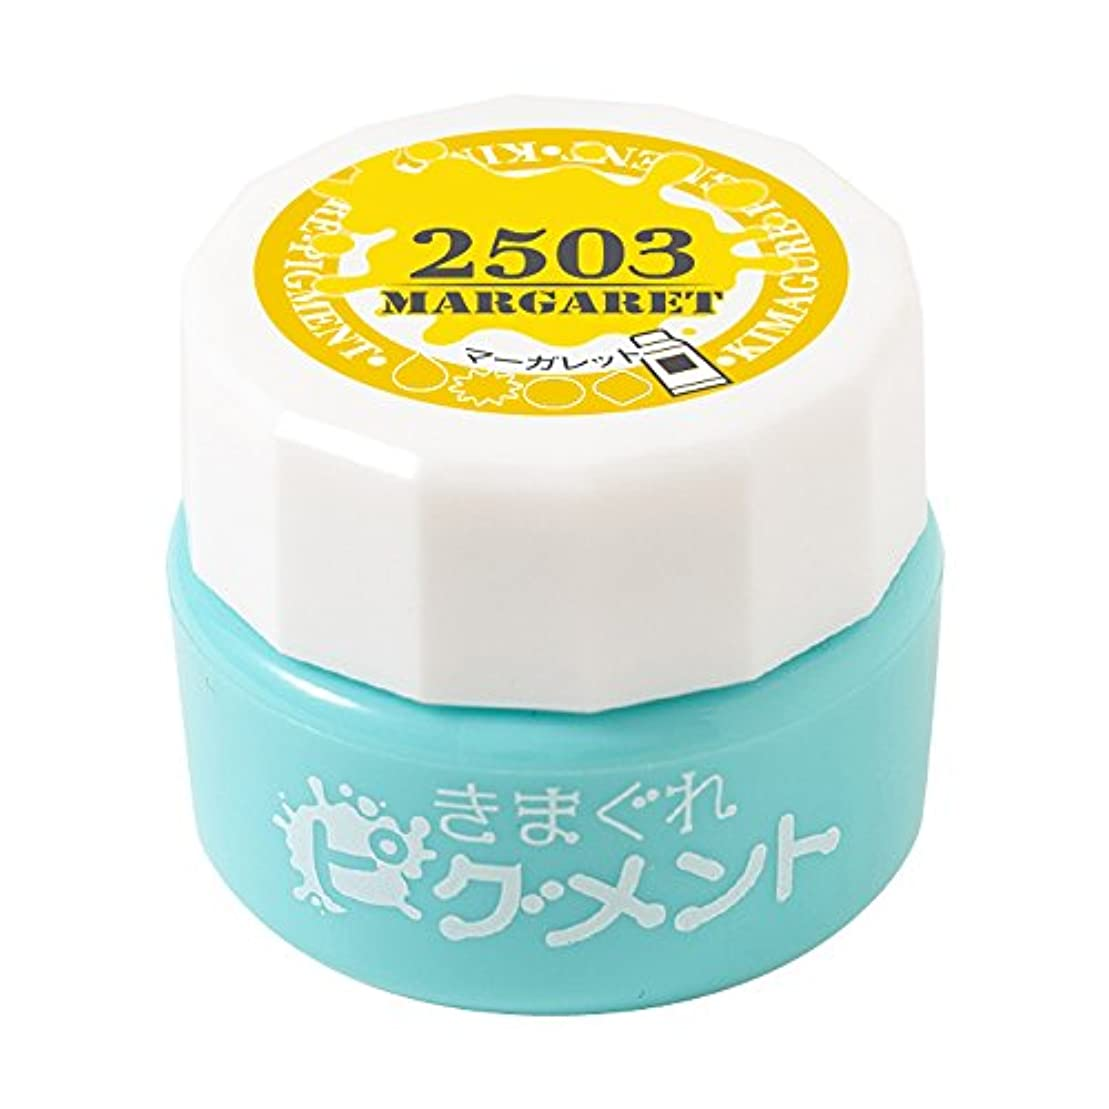 アンタゴニストしてはいけない戸口Bettygel きまぐれピグメント マーガレット QYJ-2503 4g UV/LED対応